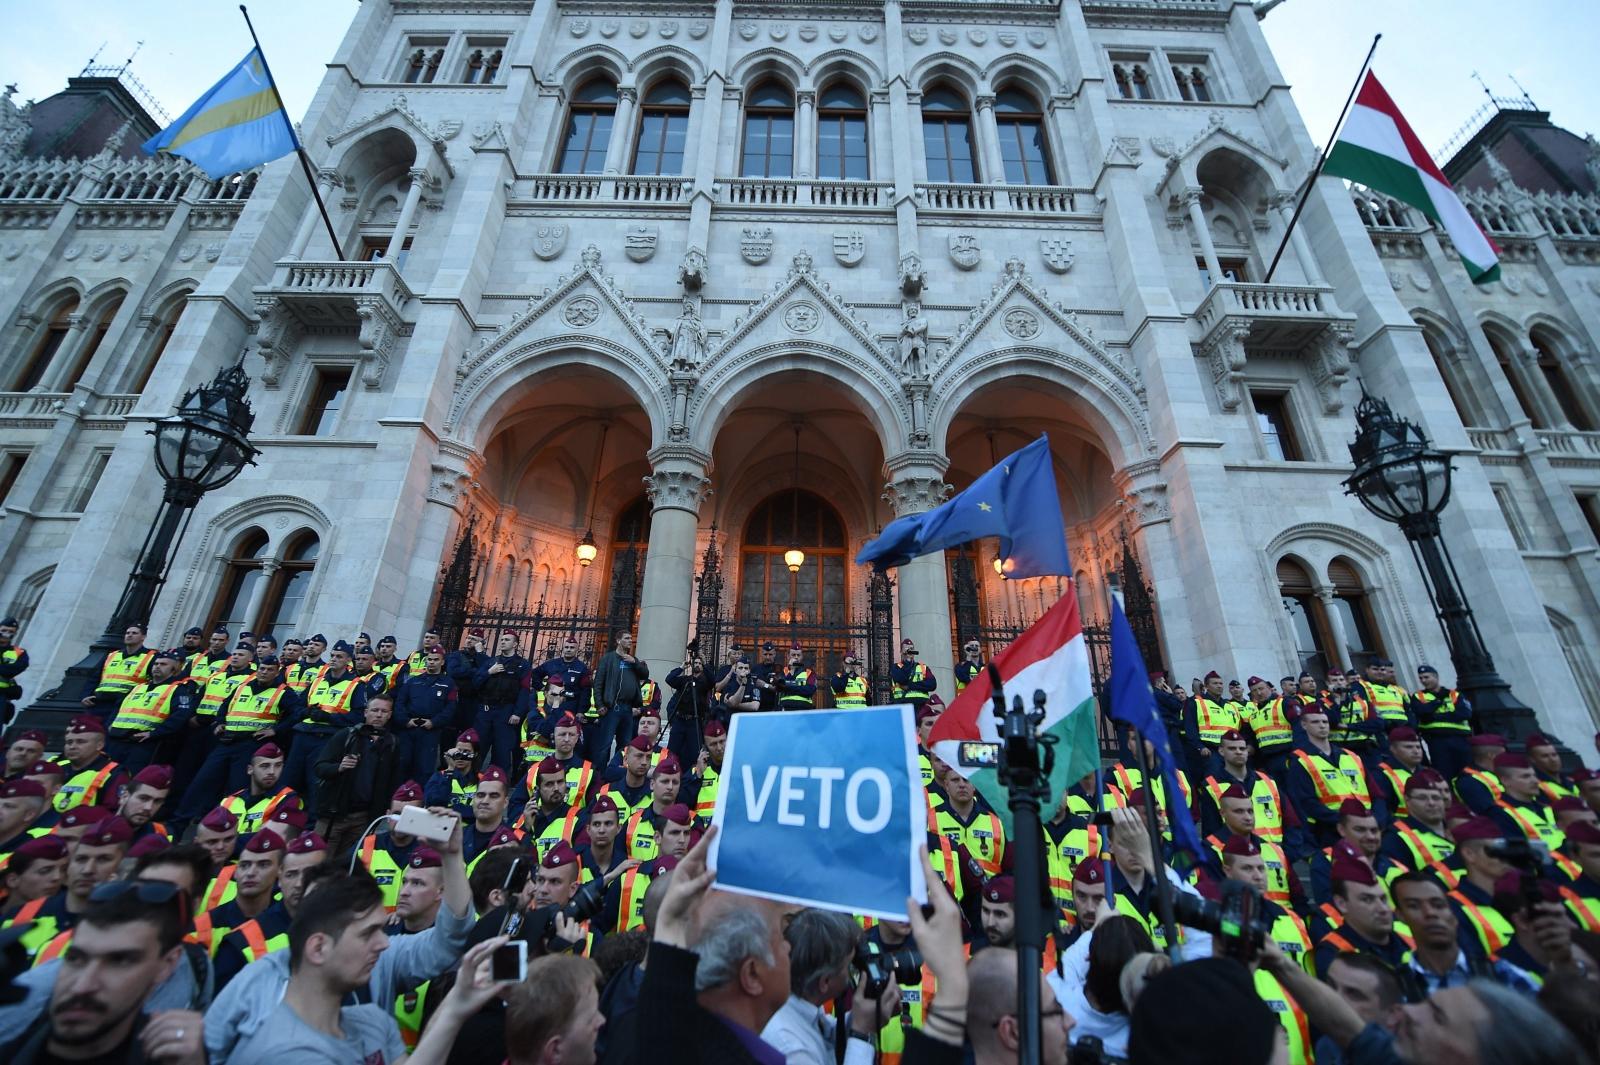 Węgrzy protestują przeciwko reformie edukacji, Budapeszt, Węgry.